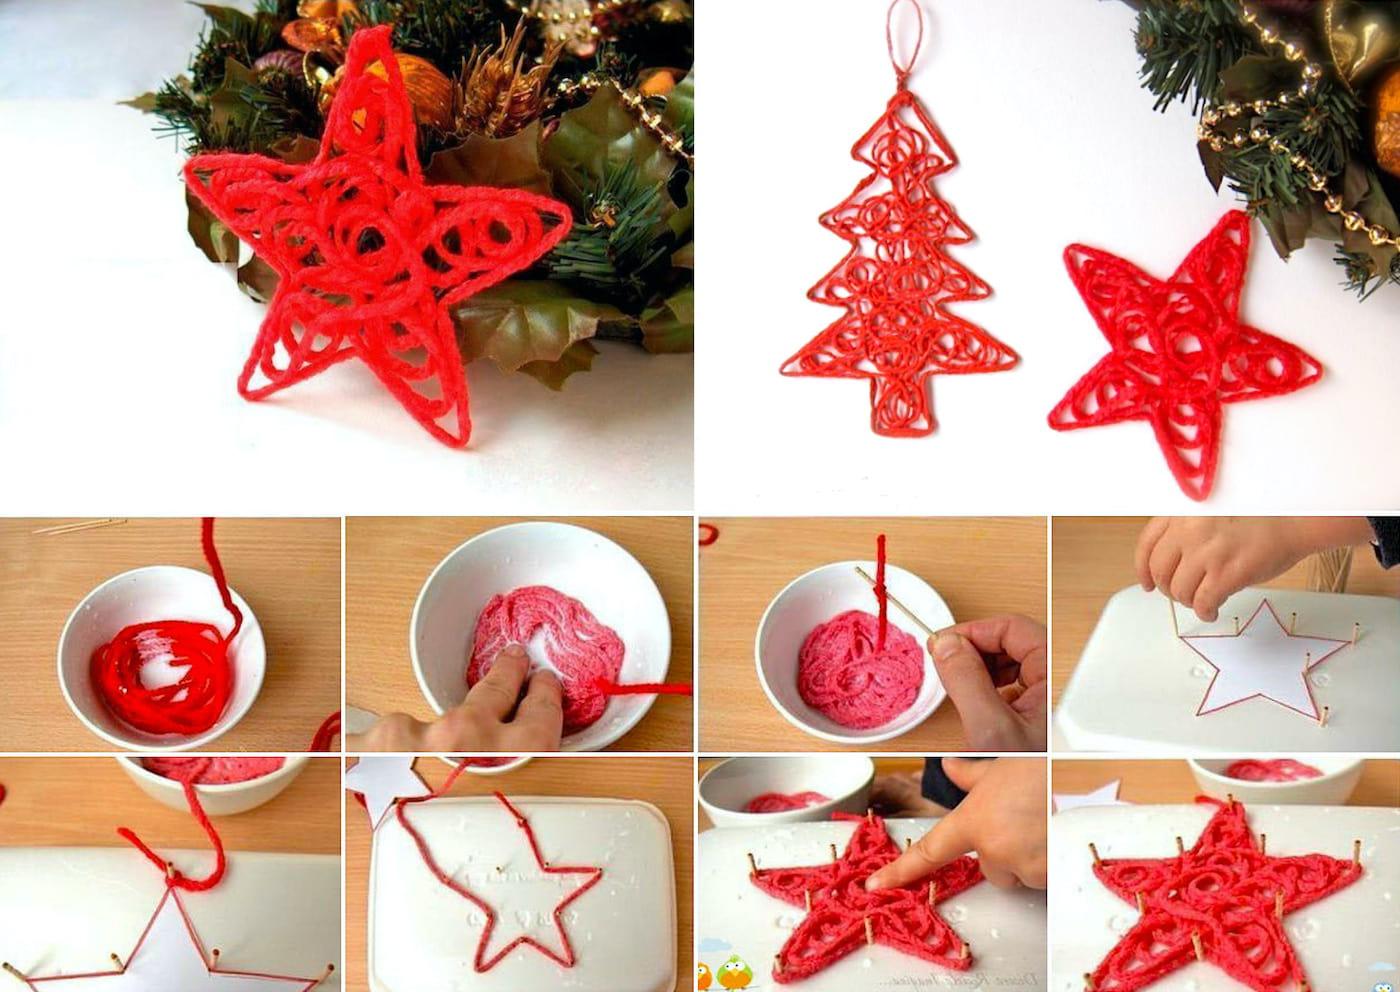 Podobná dekorace může být použita nejen pro ozdobení vánočního stromu